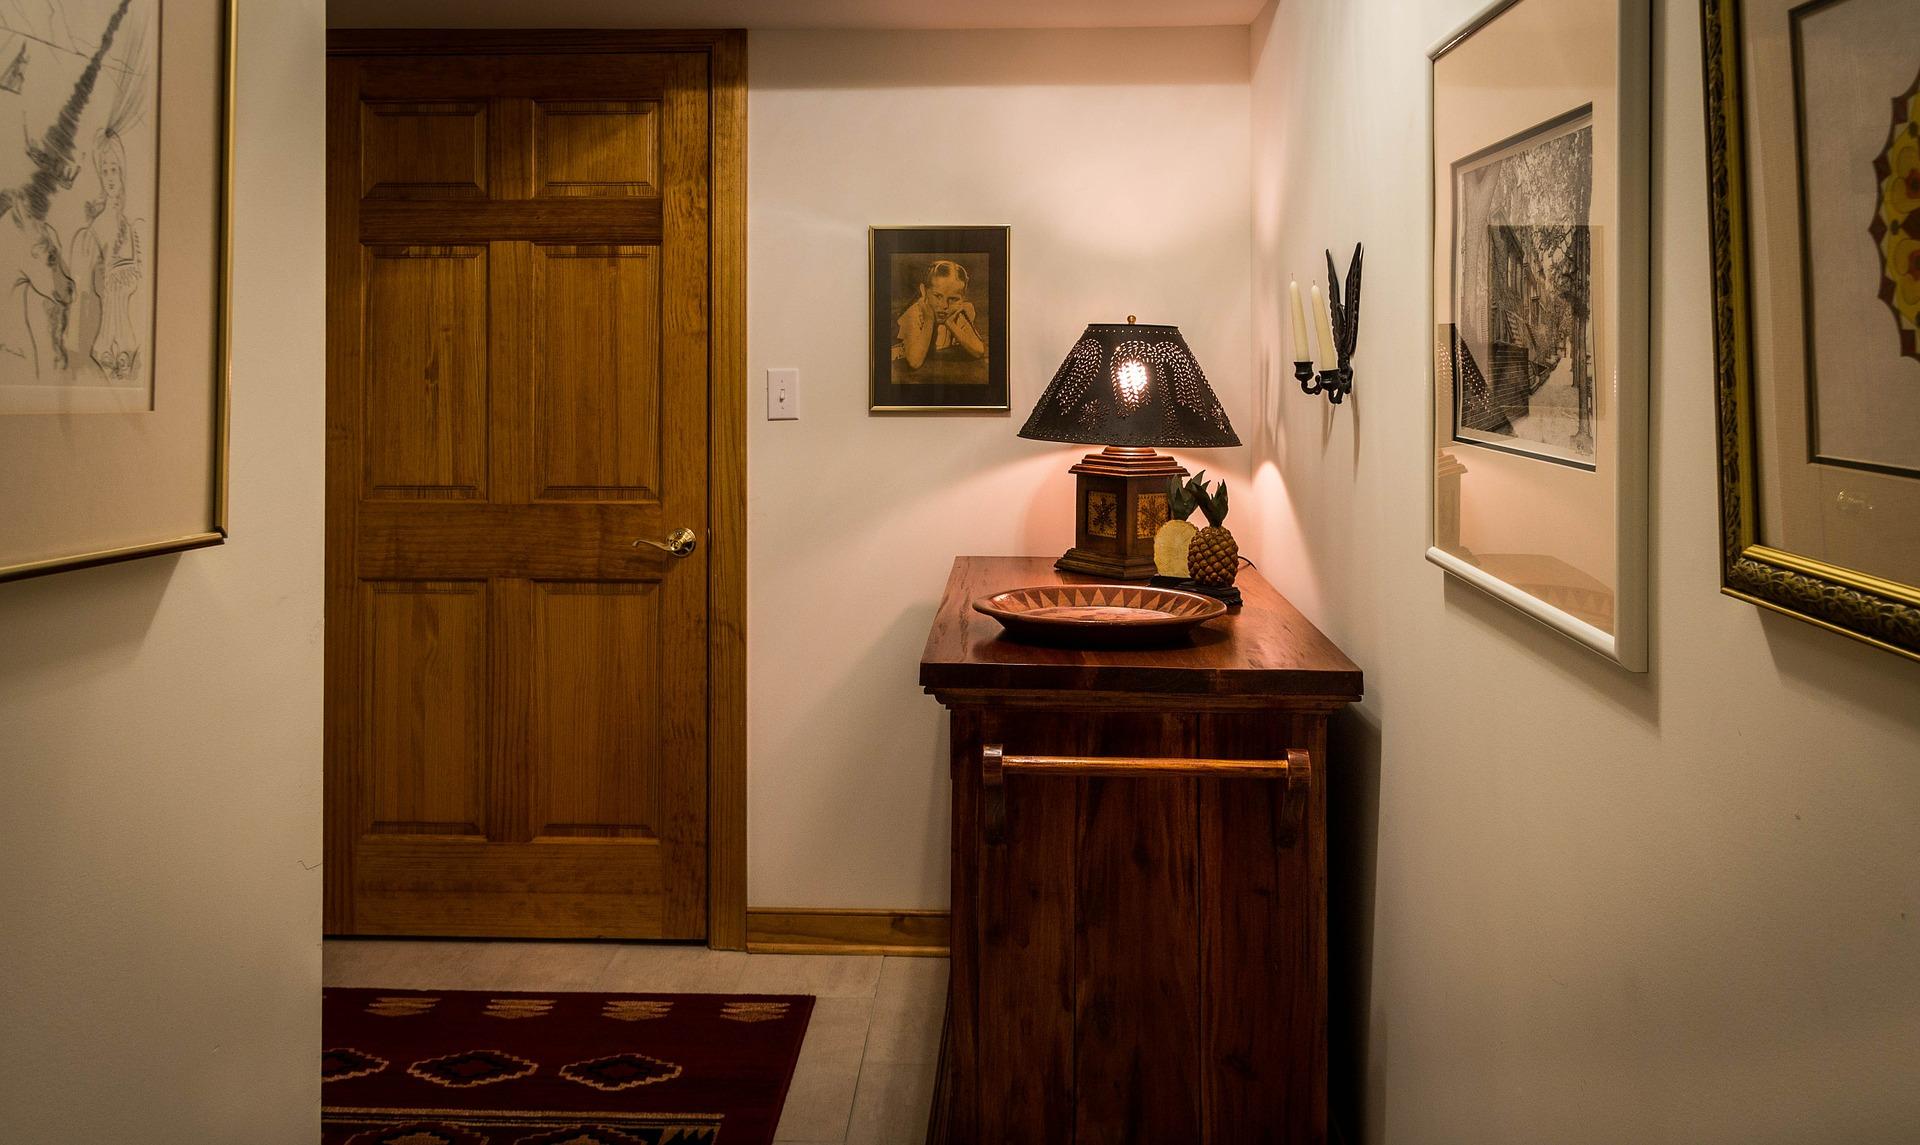 Meble do przedpokoju – jak w małym pomieszczeniu połączyć estetykę i funkcjonalność?